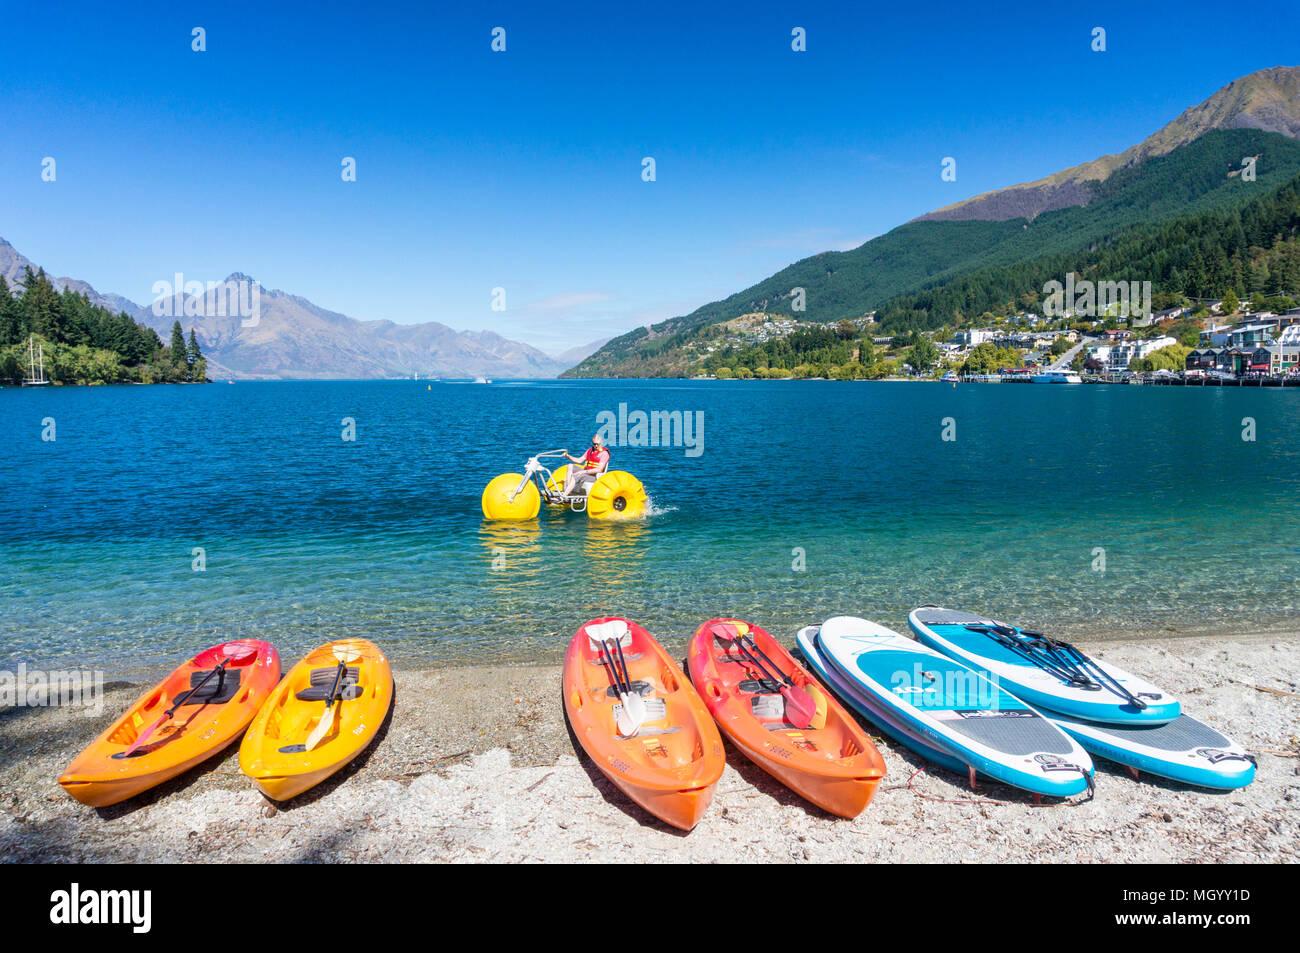 El lago Wakatipu desde la orilla del lago con kayaks y bicicletas acuáticas para alquiler y alquiler de kayaks lakeside queenstown, Isla del Sur, Nueva Zelanda Foto de stock